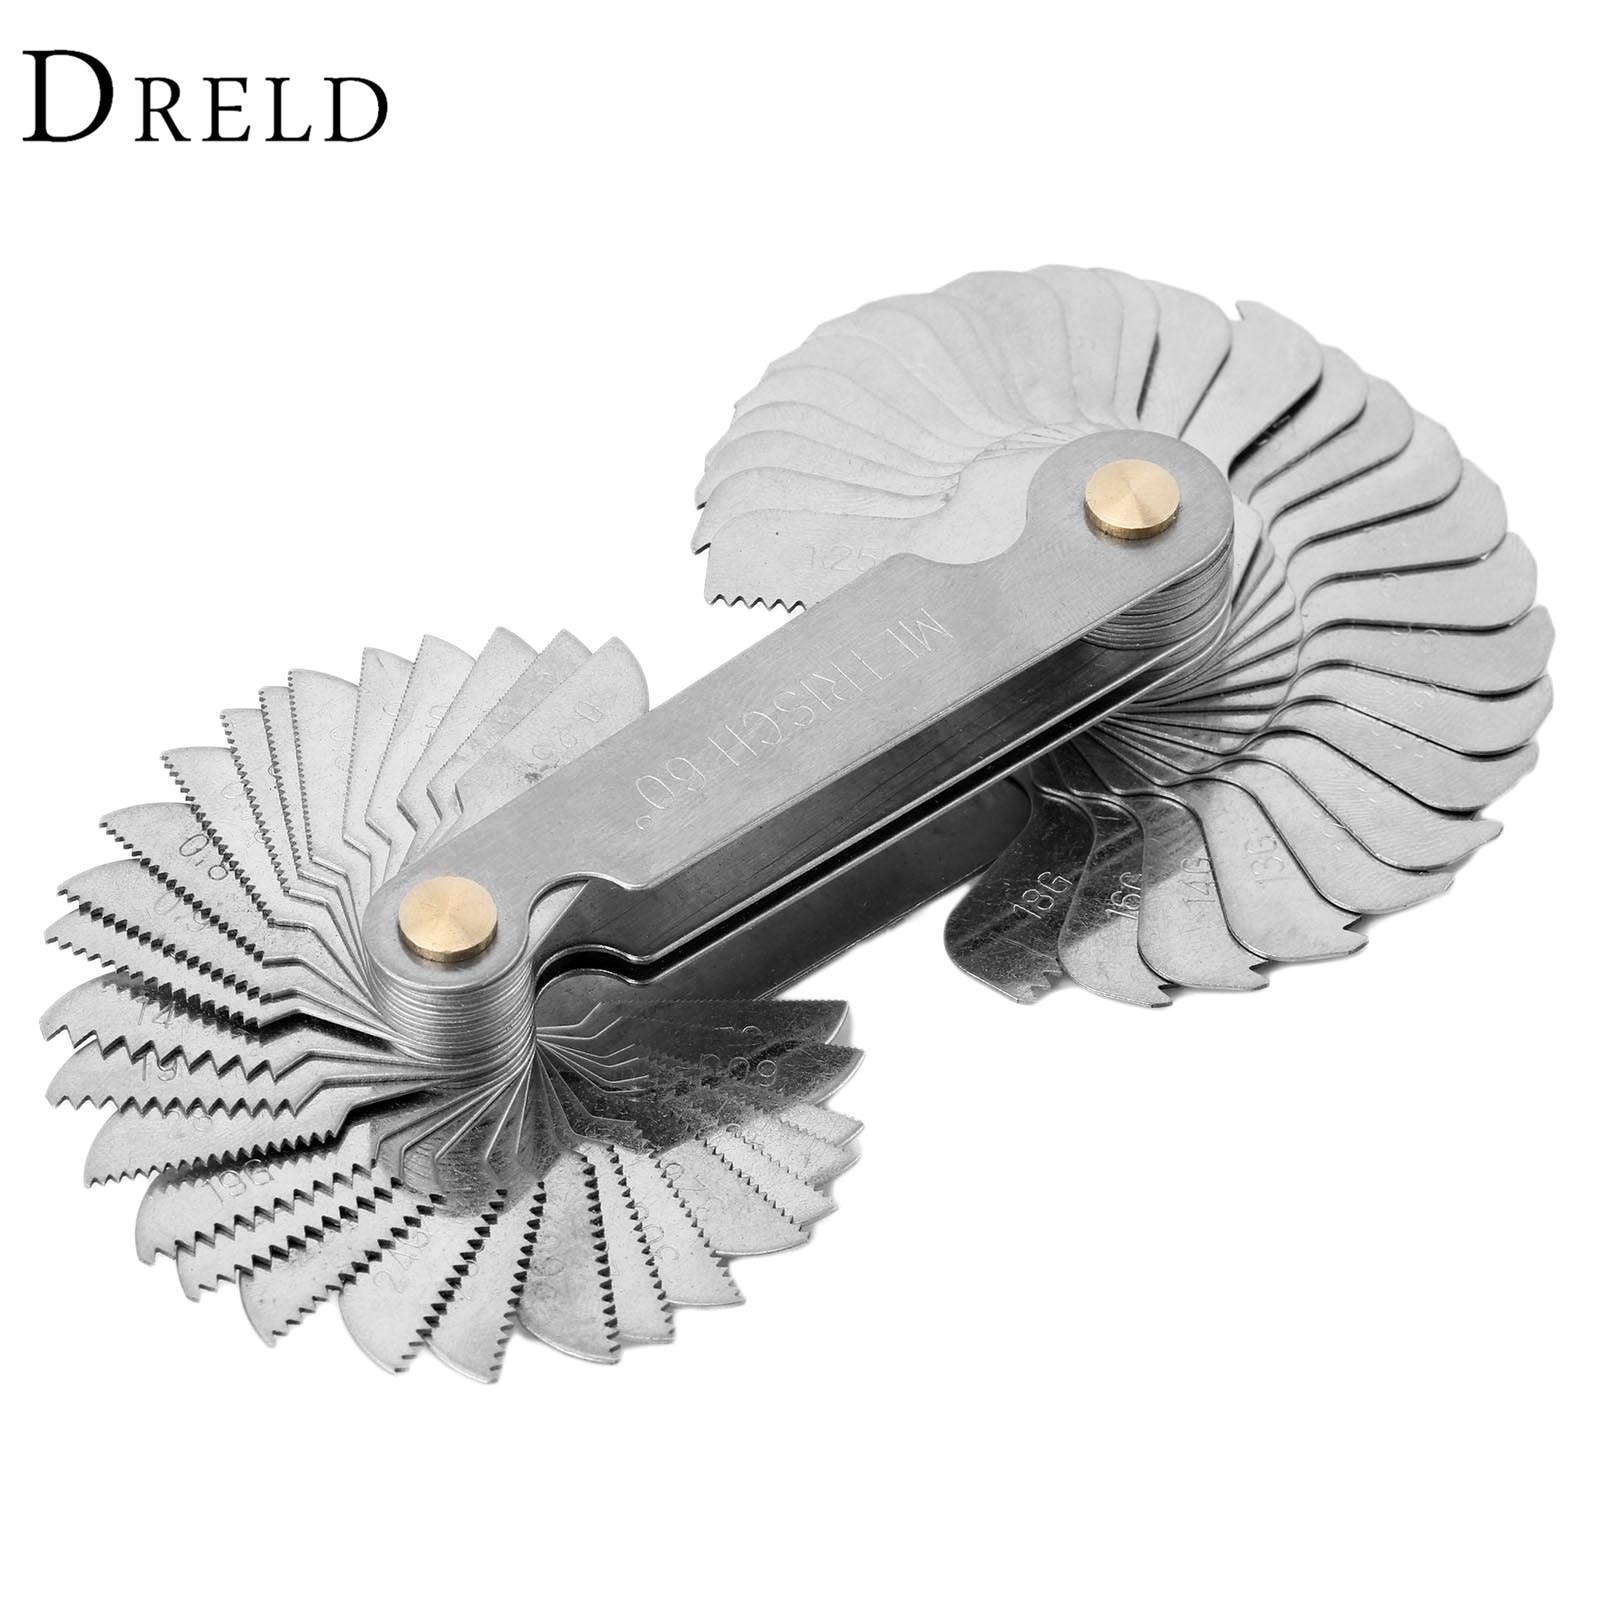 Измерительный прибор DRELD 58 шт., измерительный прибор для стальных нитей, метрический винт Whitworth и US, инструмент для измерения и измерения 60 гр...